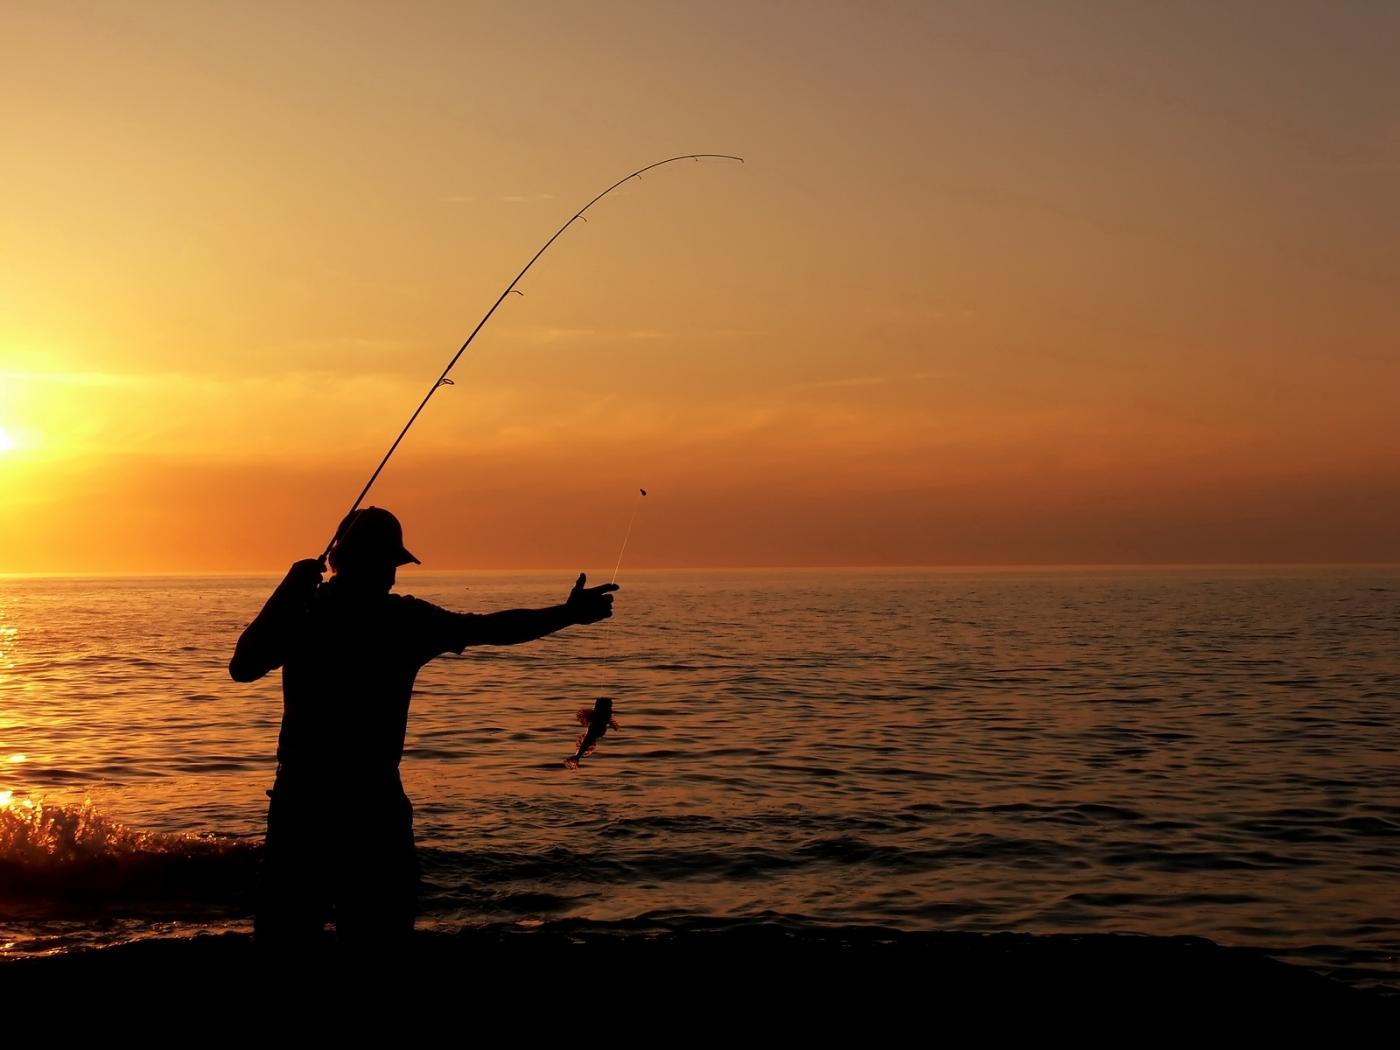 49284 Заставки и Обои Рыбы на телефон. Скачать Спорт, Пейзаж, Люди, Море, Рыбы картинки бесплатно